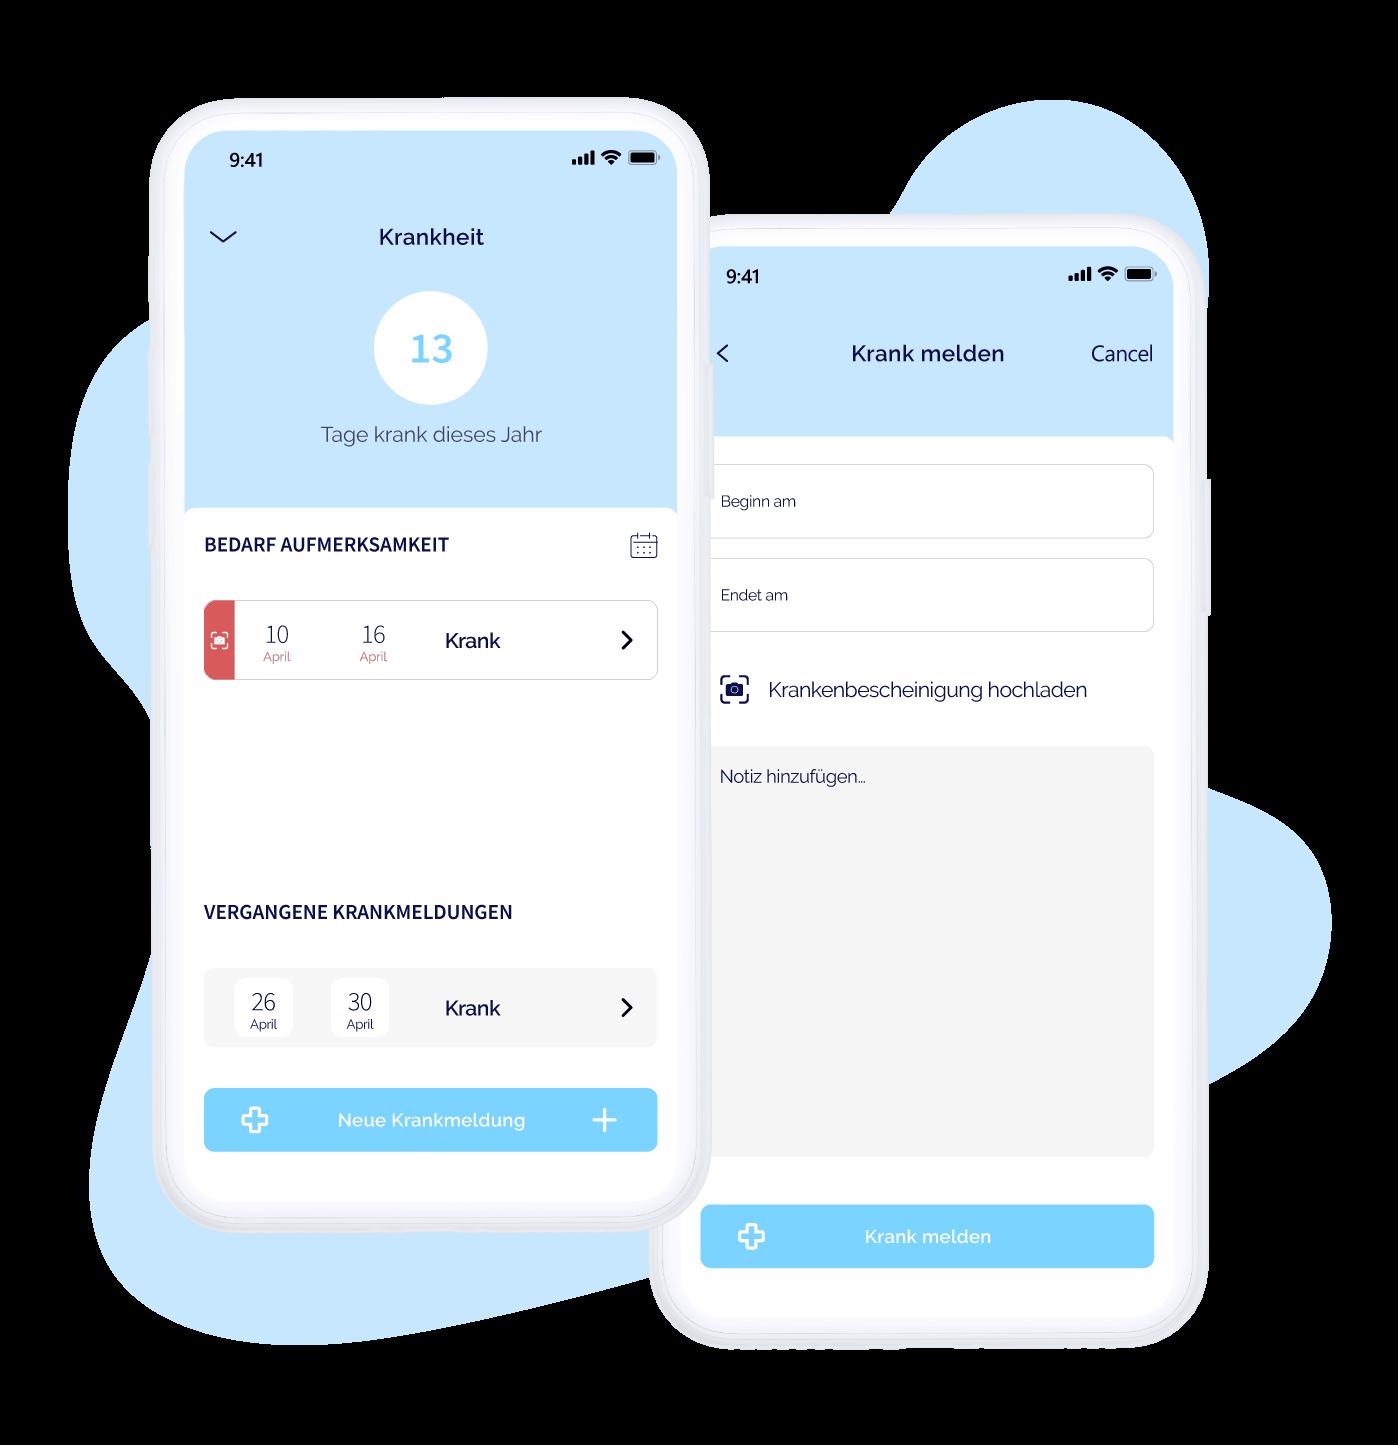 Krankmeldungen per App